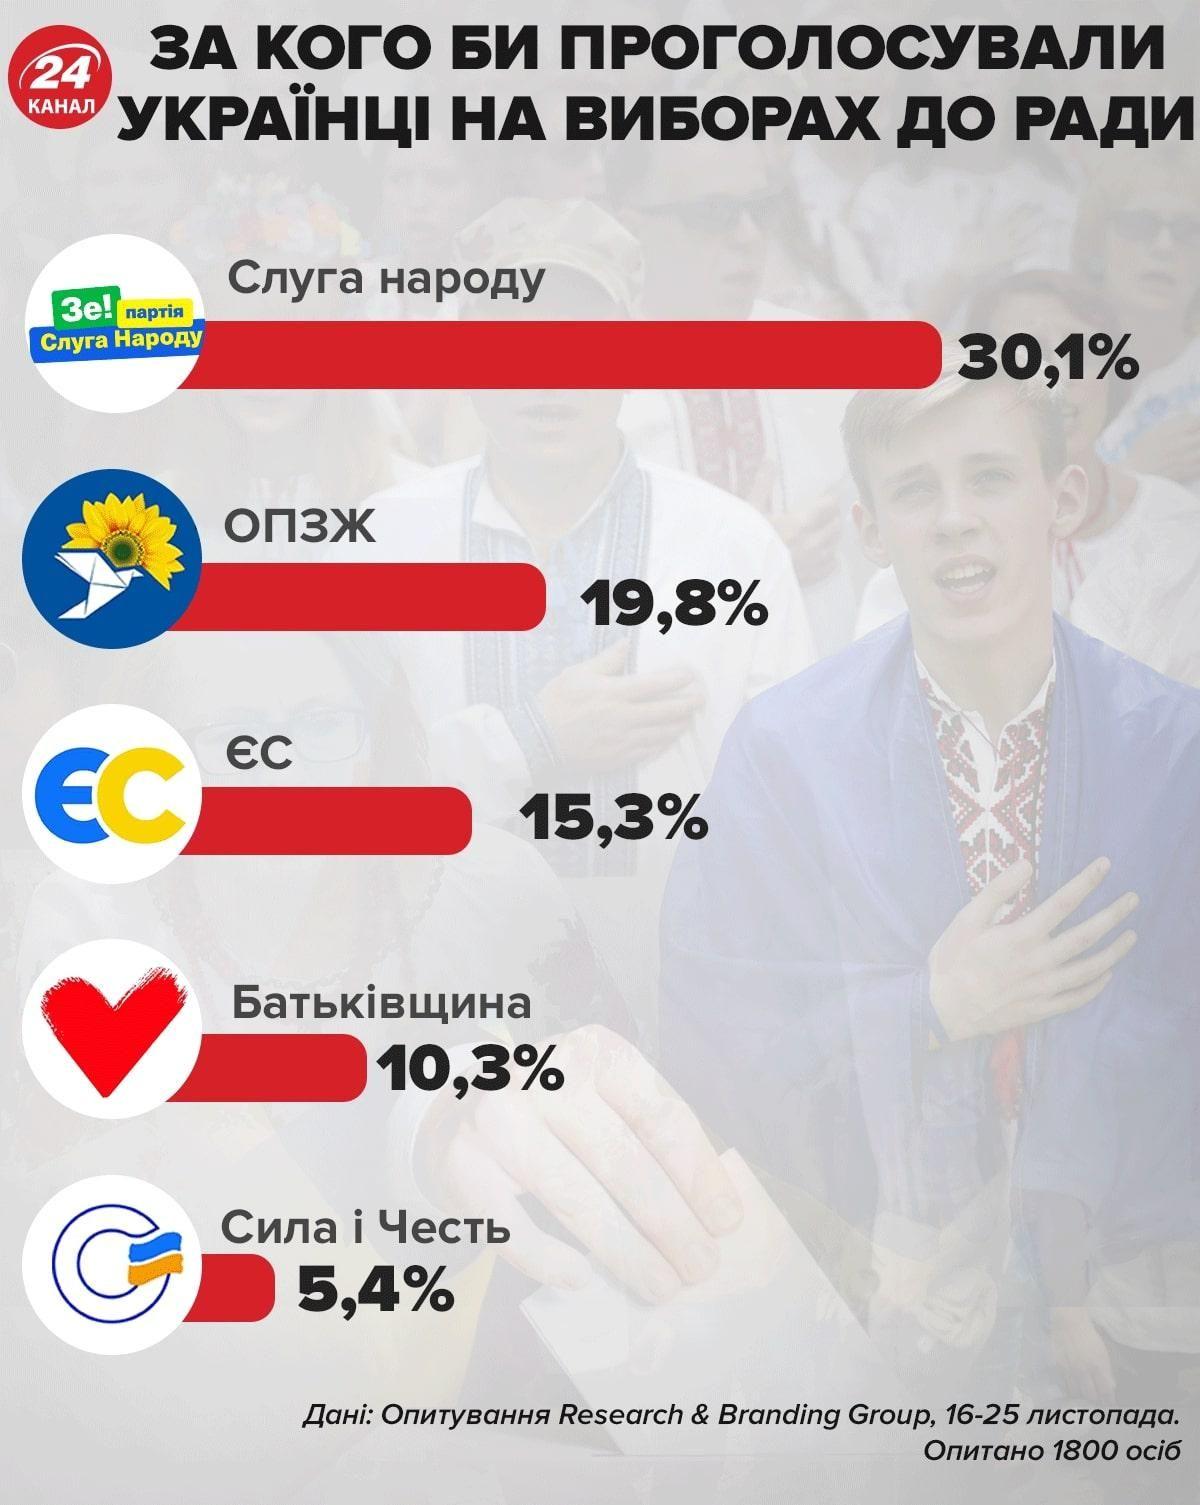 Які партії підтримують українці